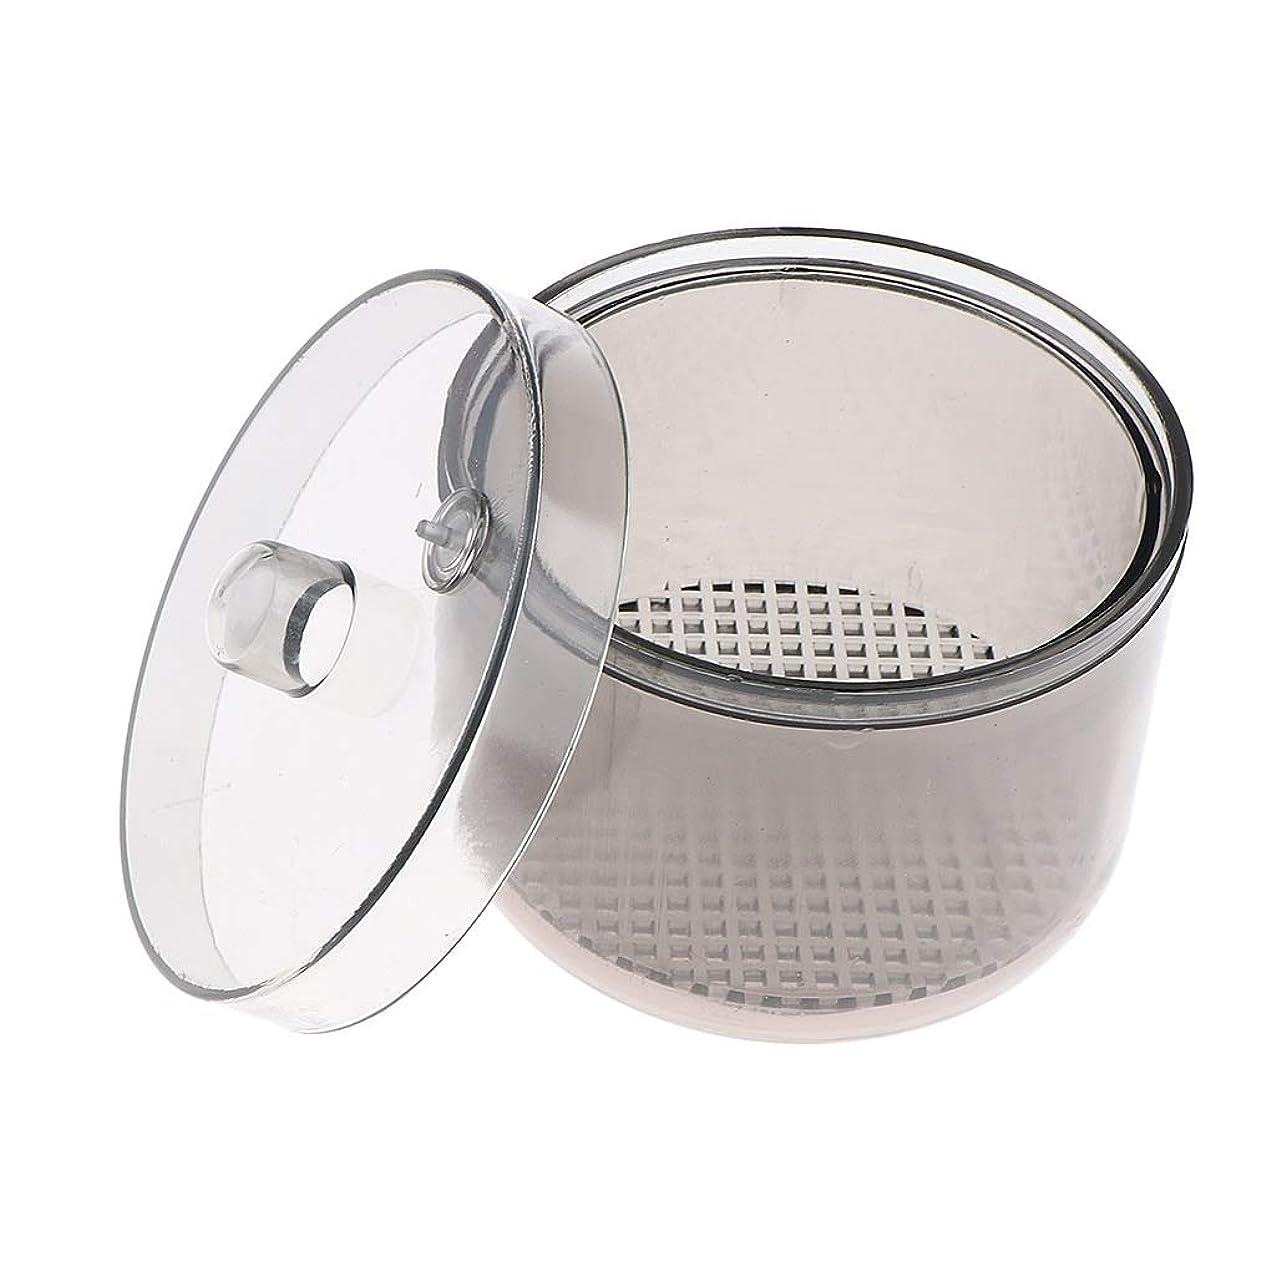 バイアスサラダコンペT TOOYFUL 消毒カップ マニキュアツール 滅菌容器 消毒ジャー 丸型 軽量 コンパクト 持ち運び便利 耐高温性